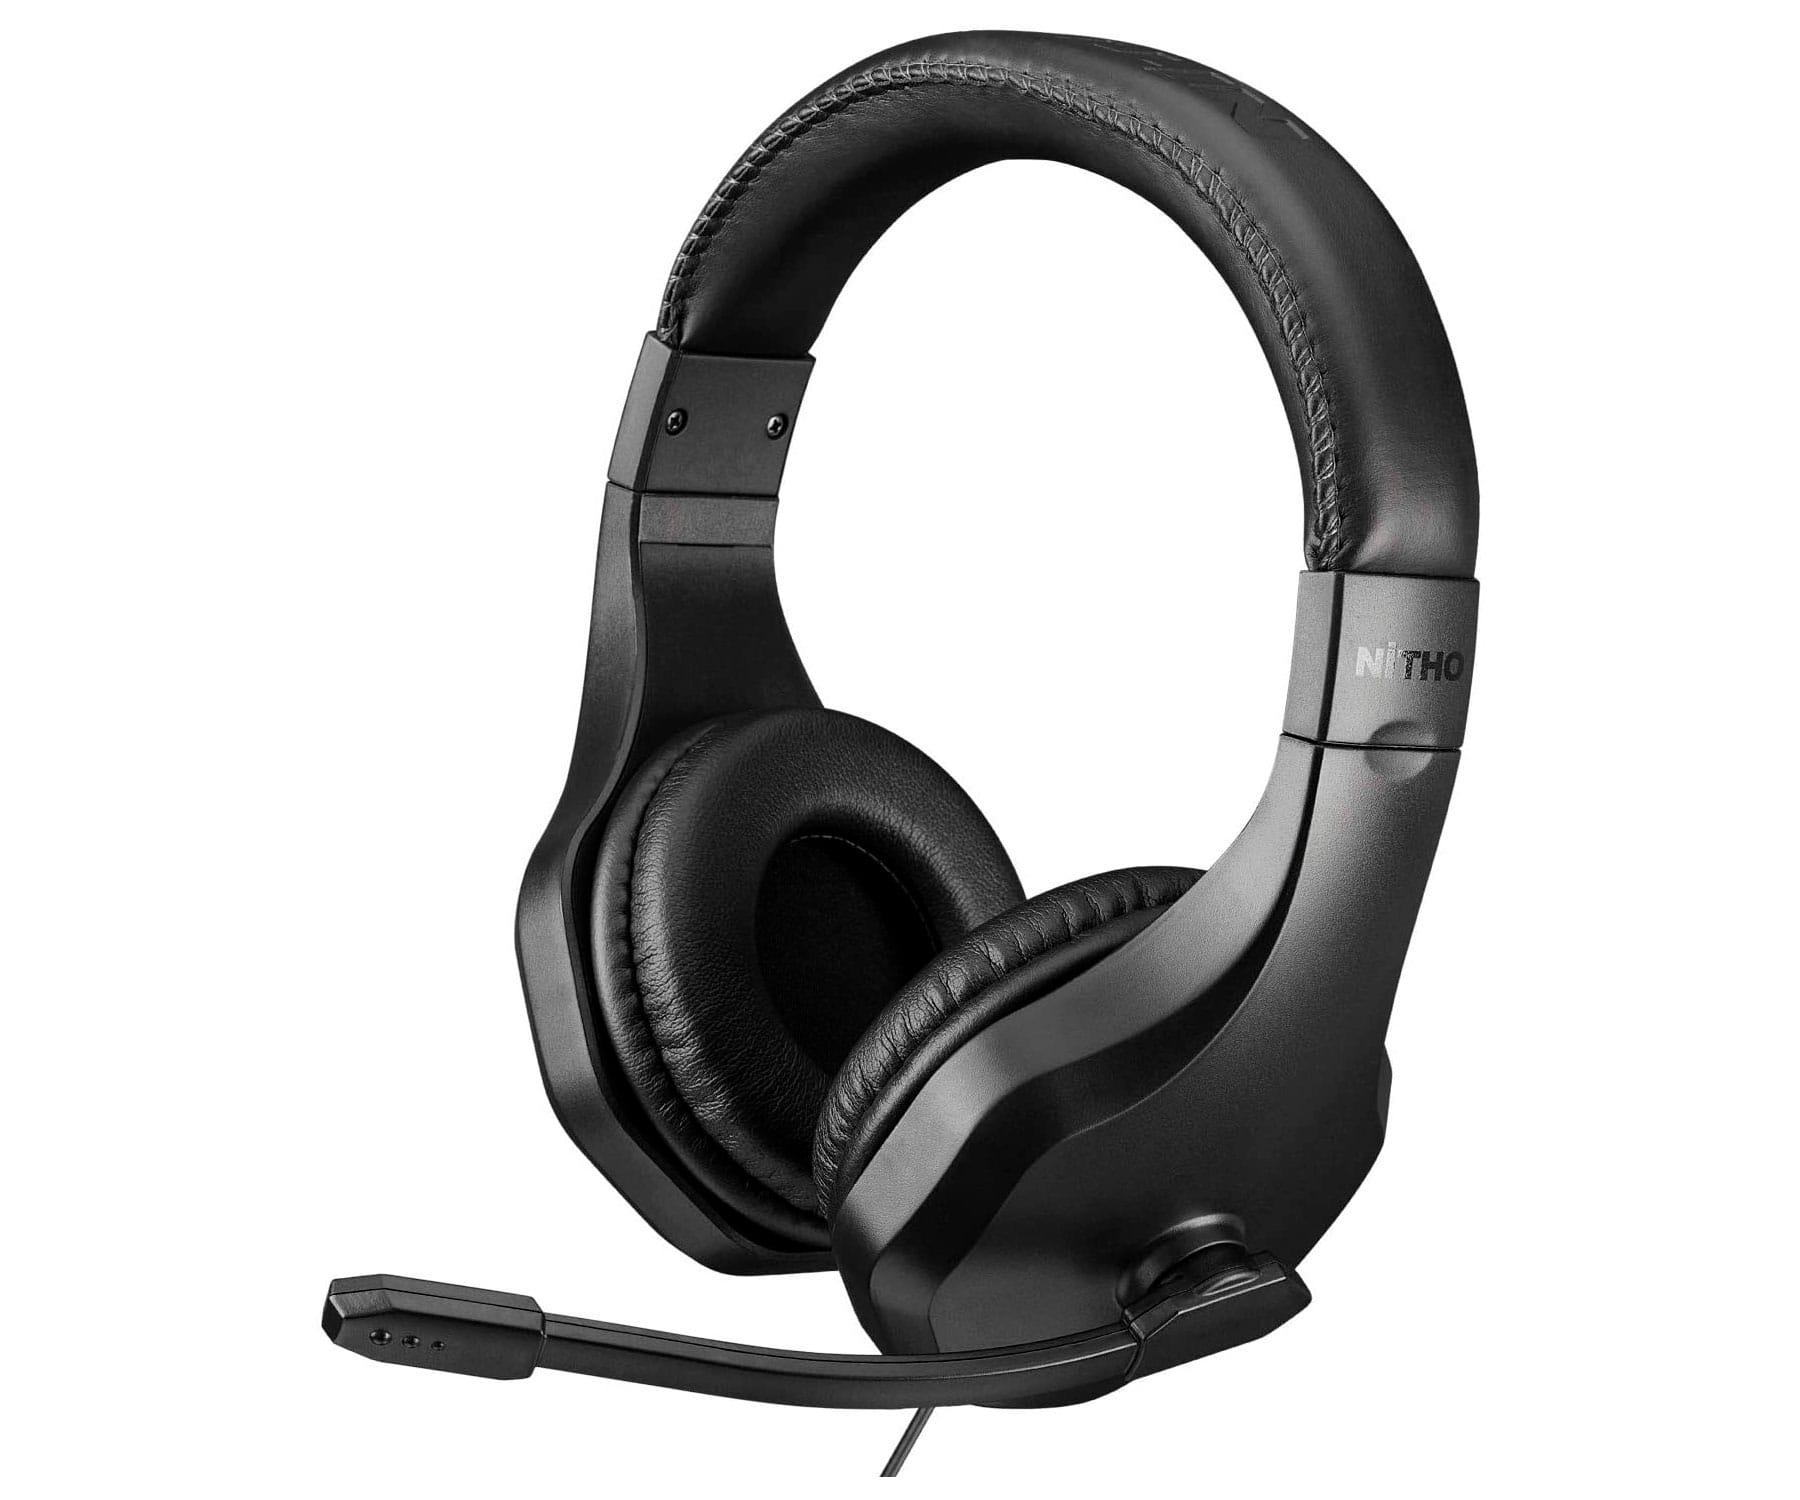 Nitho NX120 Auriculares Negro/Estéreo/Micrófono